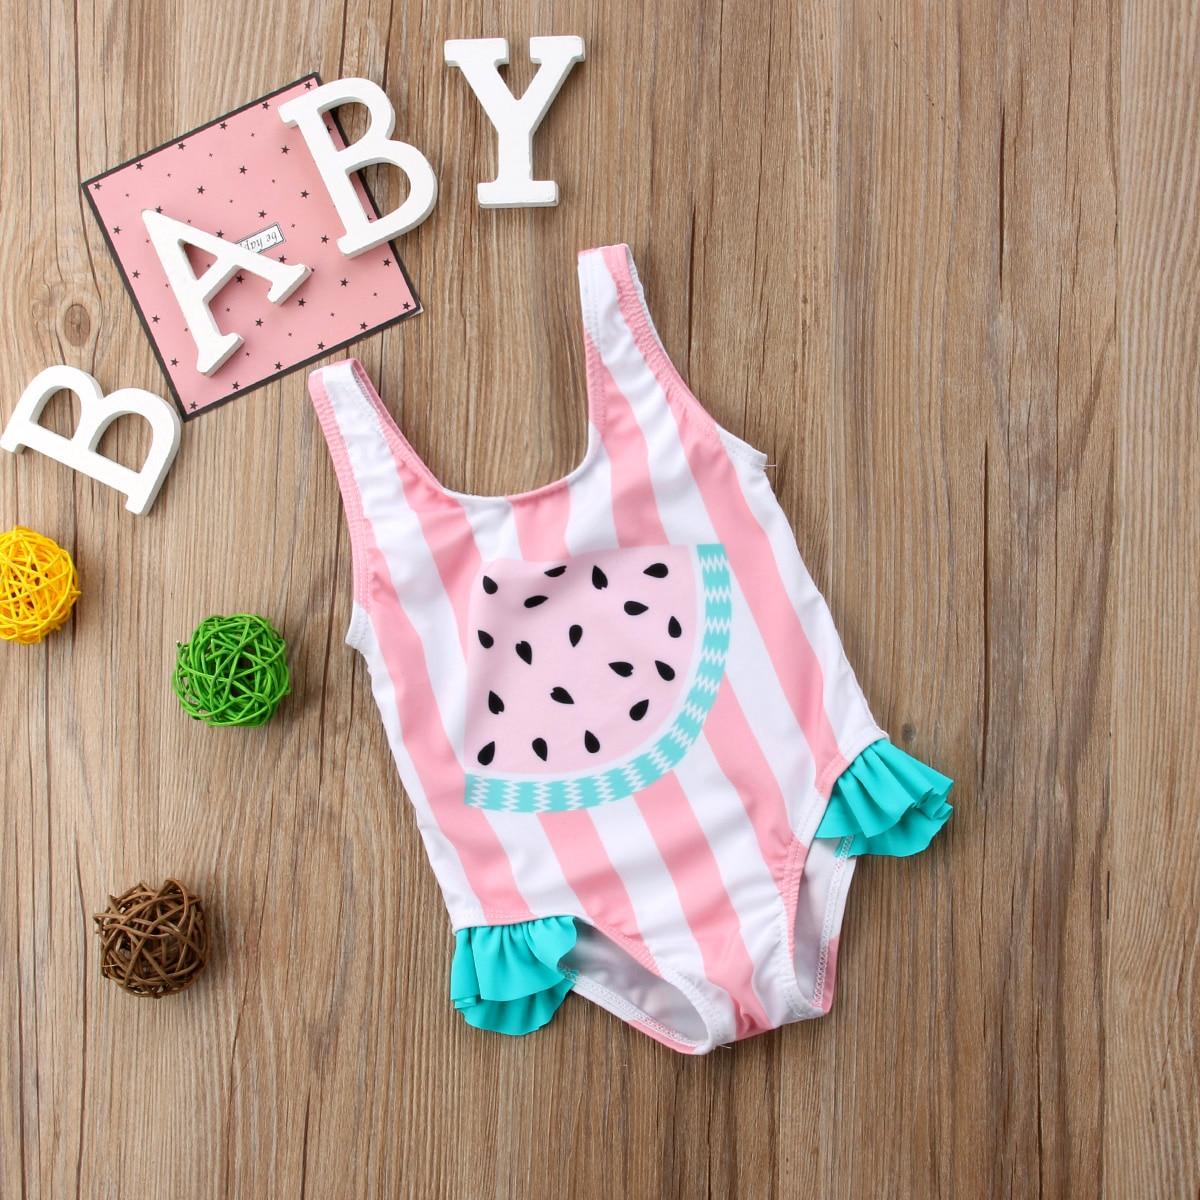 בנות הדפסת אבטיח חתיכה אחת בגדי ים לילדים 2018 ילדי בגדי ים לתינוקות בנות בגד ים ביקיני הילדה ילד הקיץ